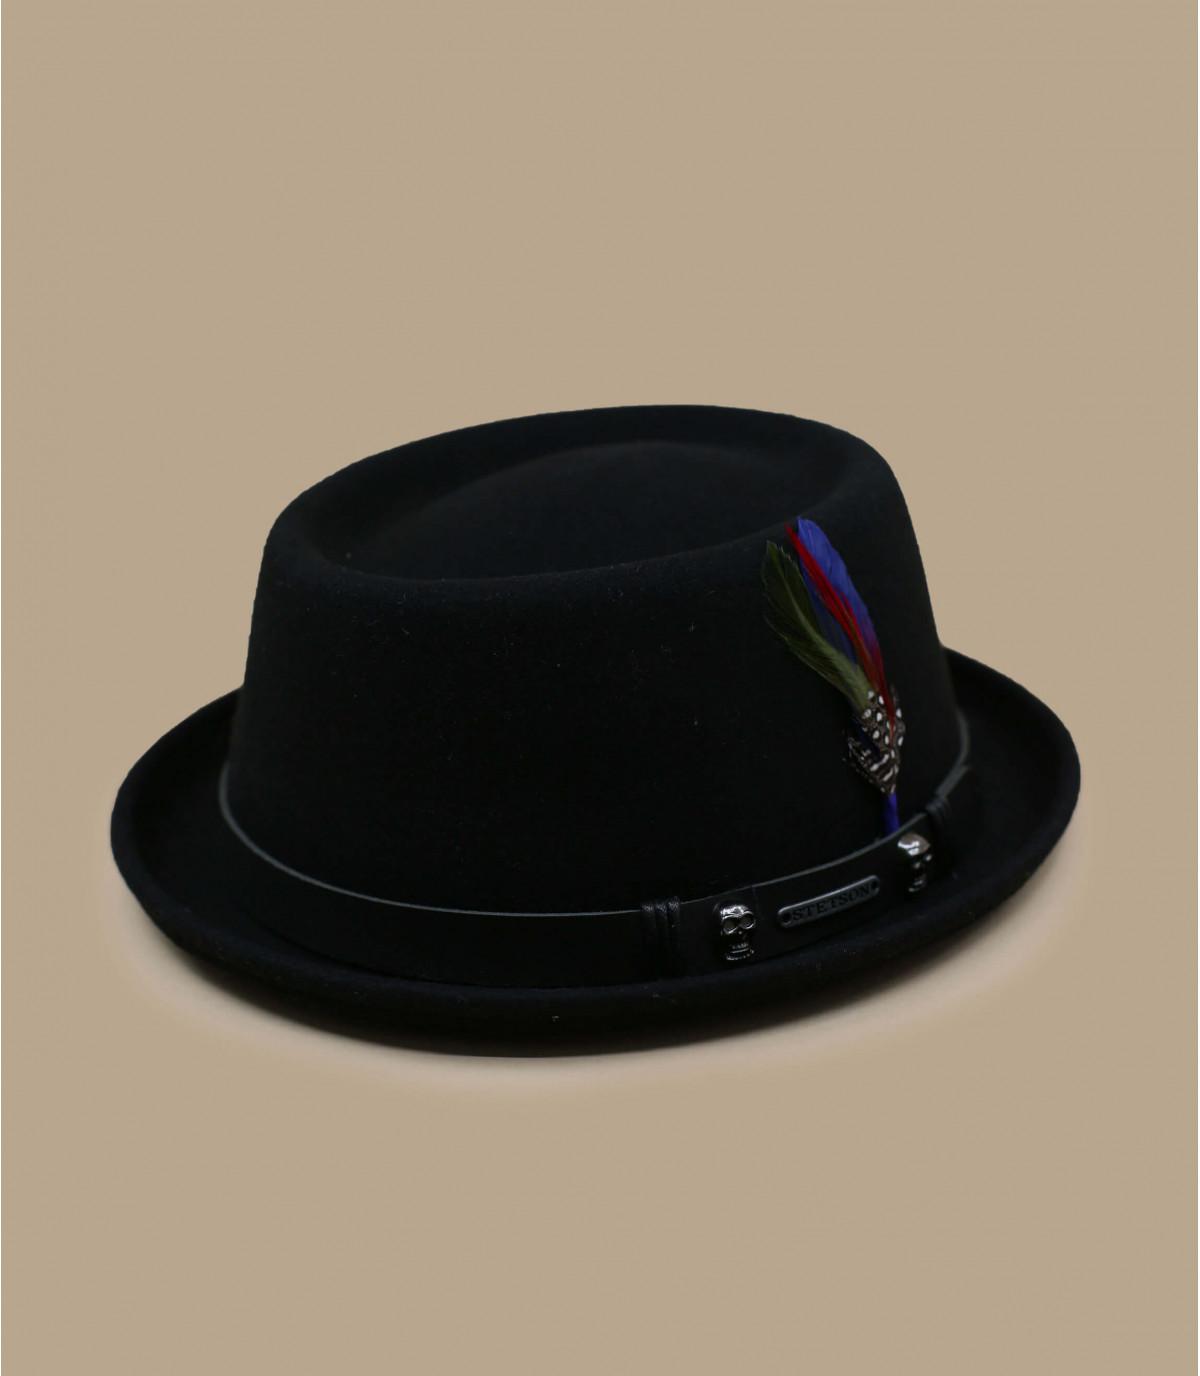 Wool felt pork pie hat